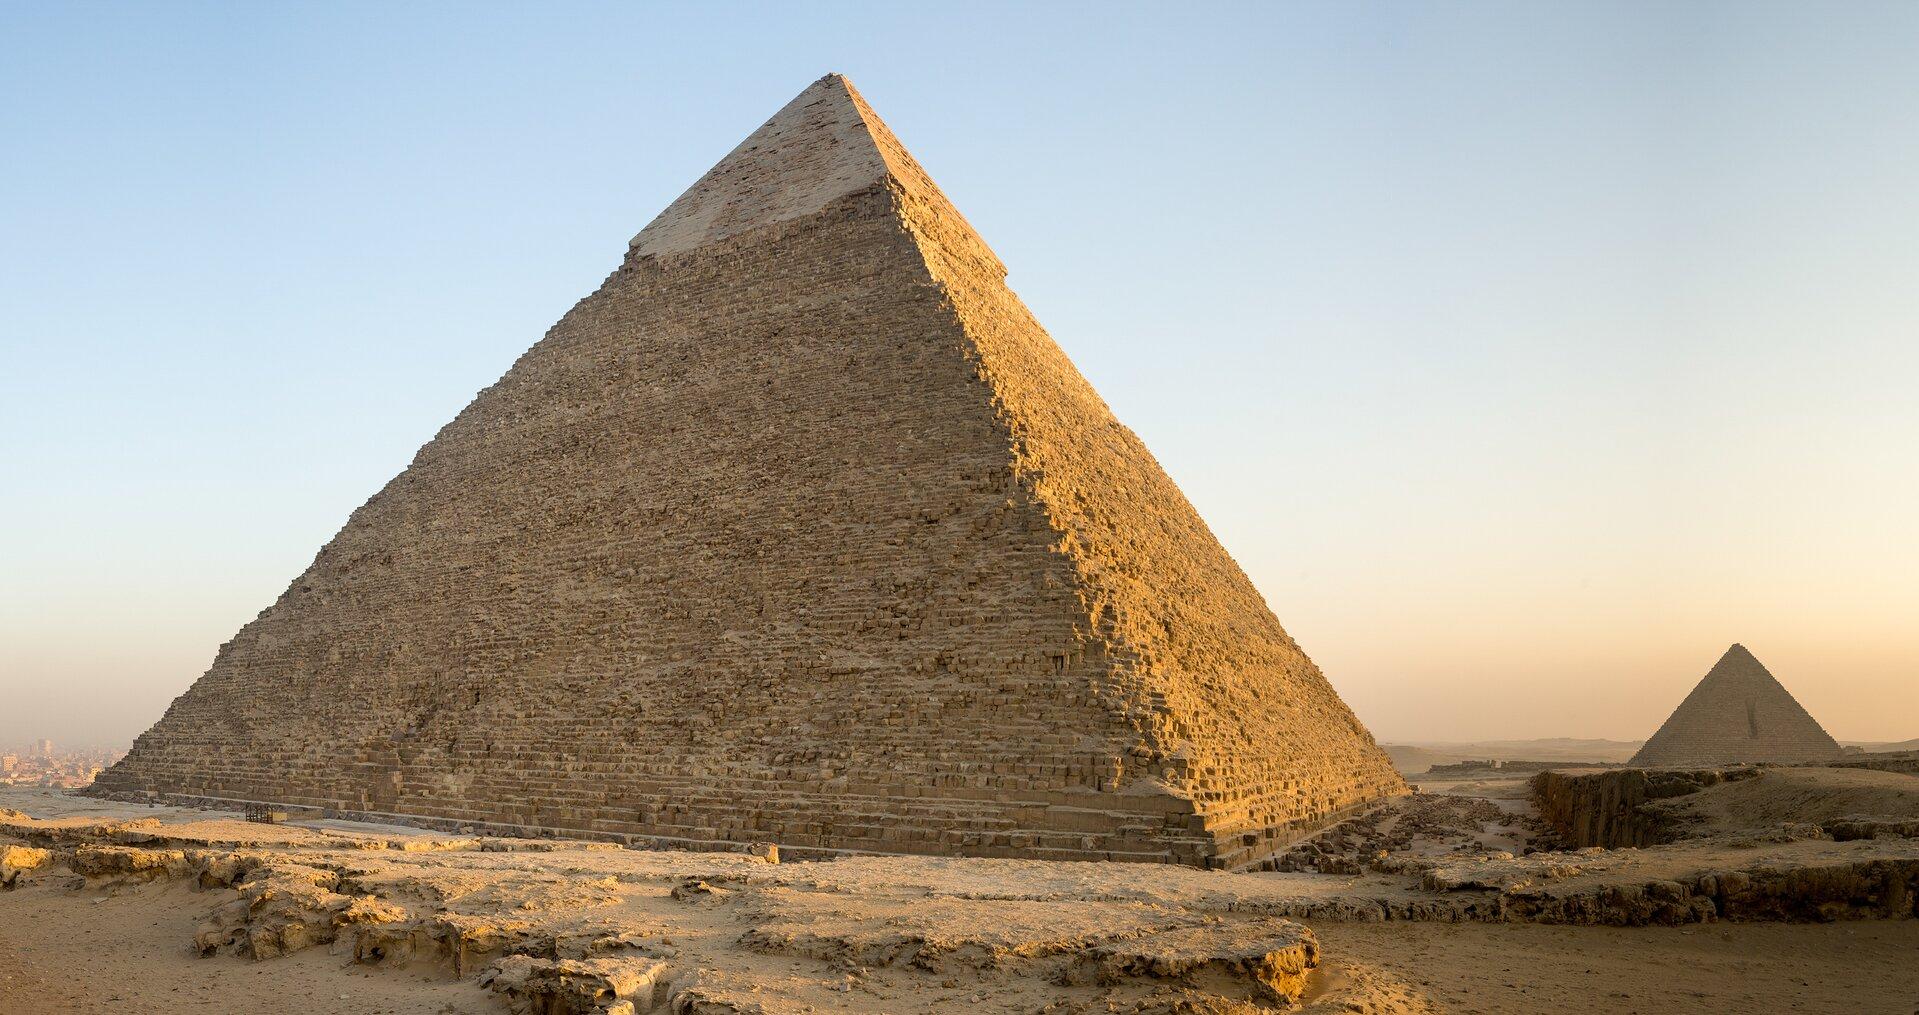 Ilustracja przedstawia piramidę Chefrena wGizie. Piramida ma kształt ostrosłupa opodstawie kwadratu. Jest wkolorze ciemnego piasku. Wtle po prawej stronie widać kolejną piramidę ijasno niebieskie niebo.